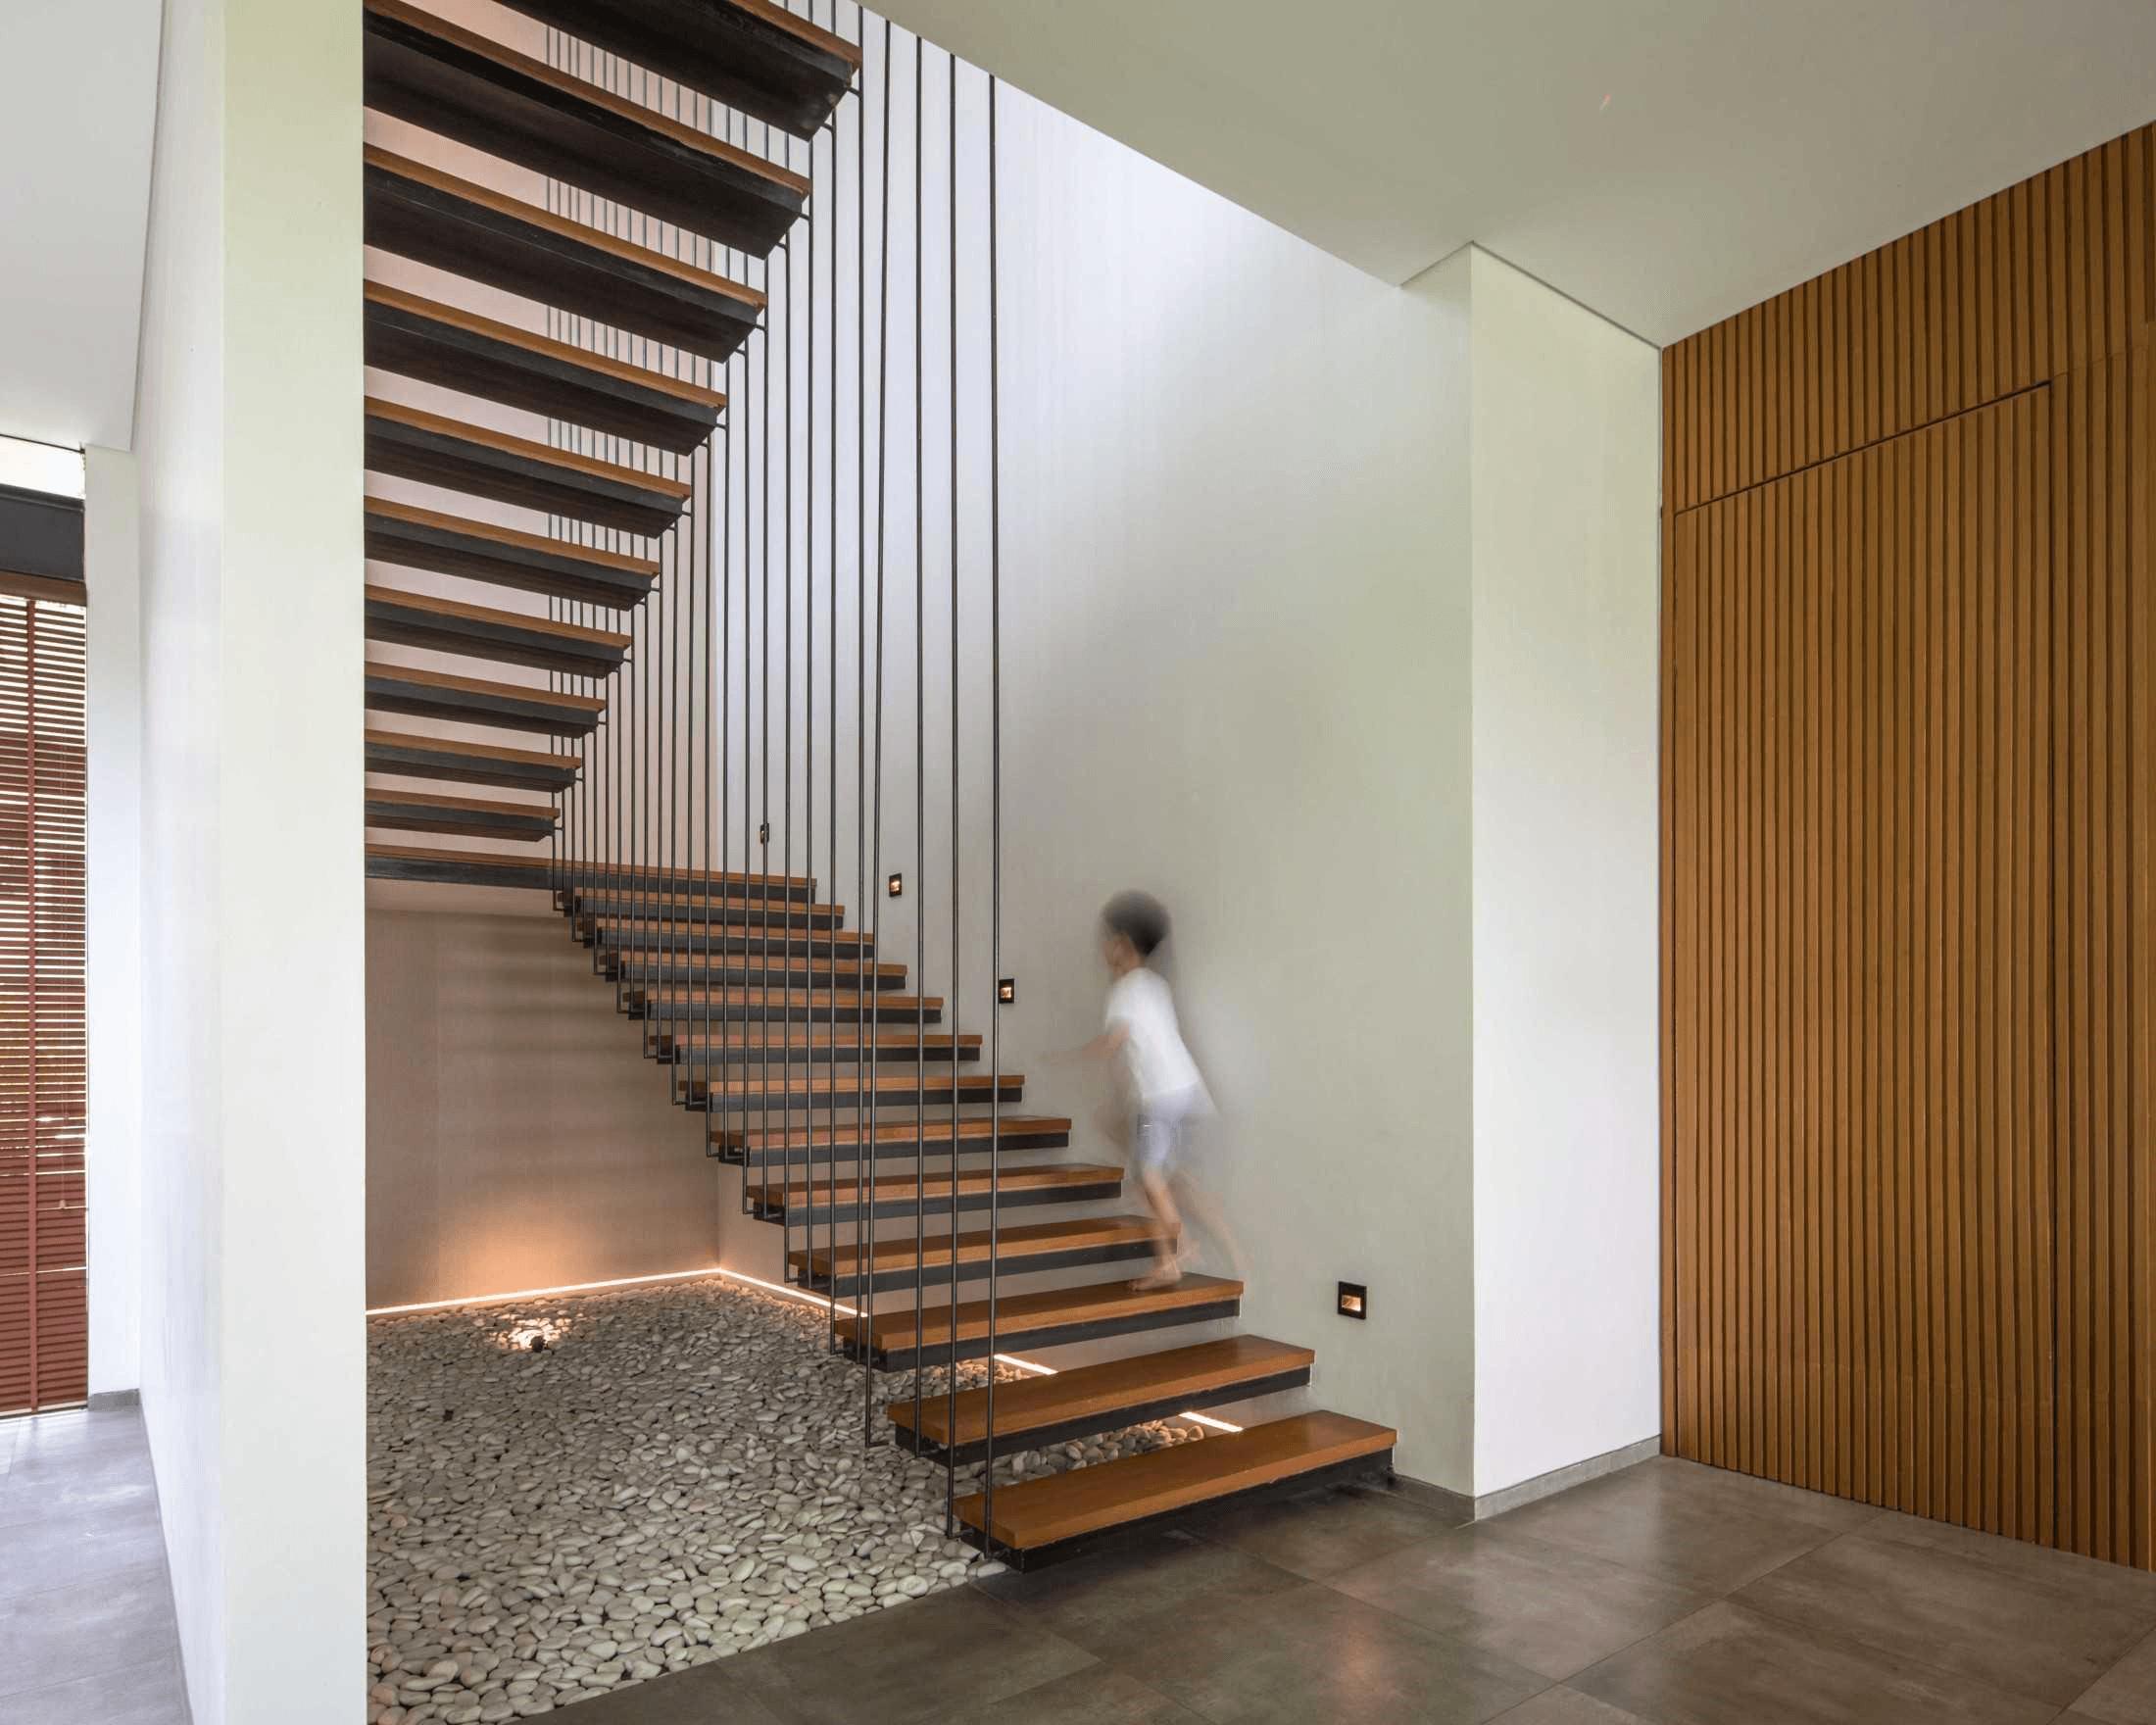 Tangga sebagai elemen fungsional dekoratif interior (Sumber: arsitag.com)